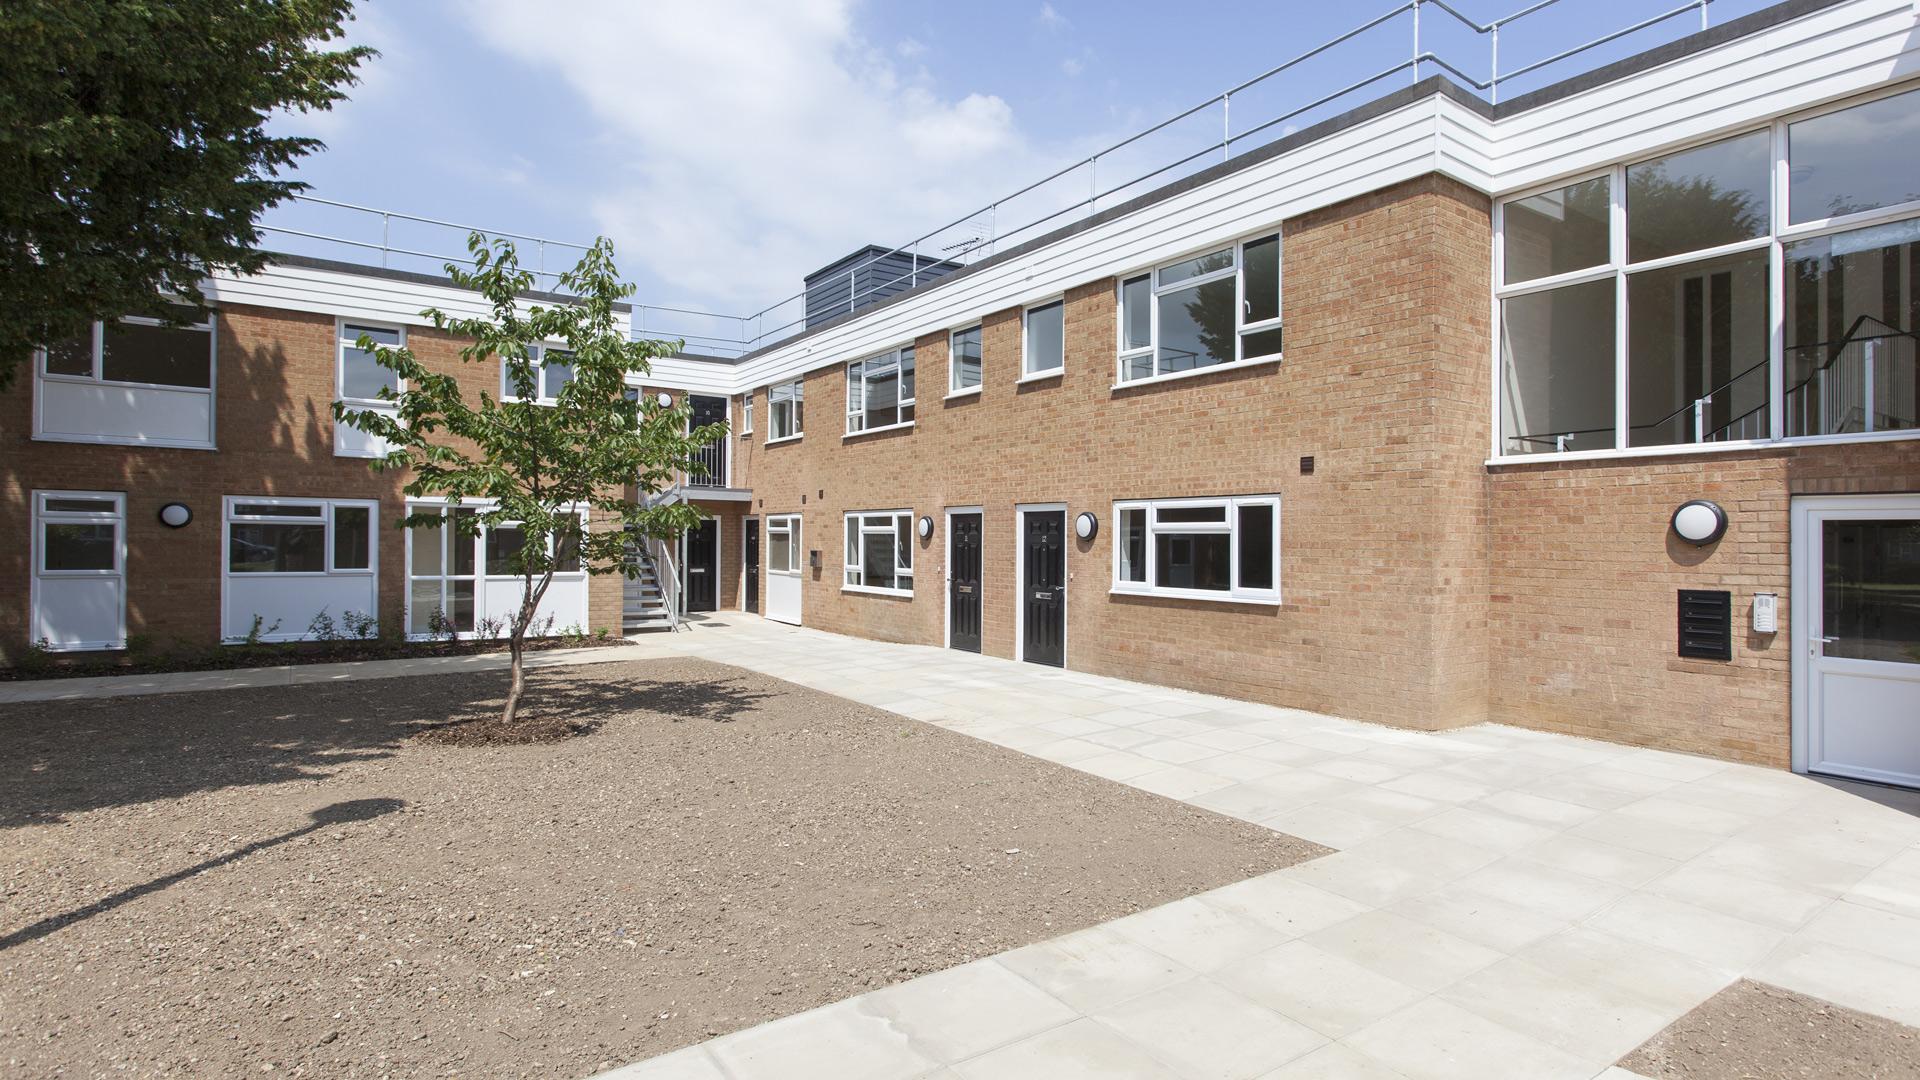 cs-bardfield-house-4